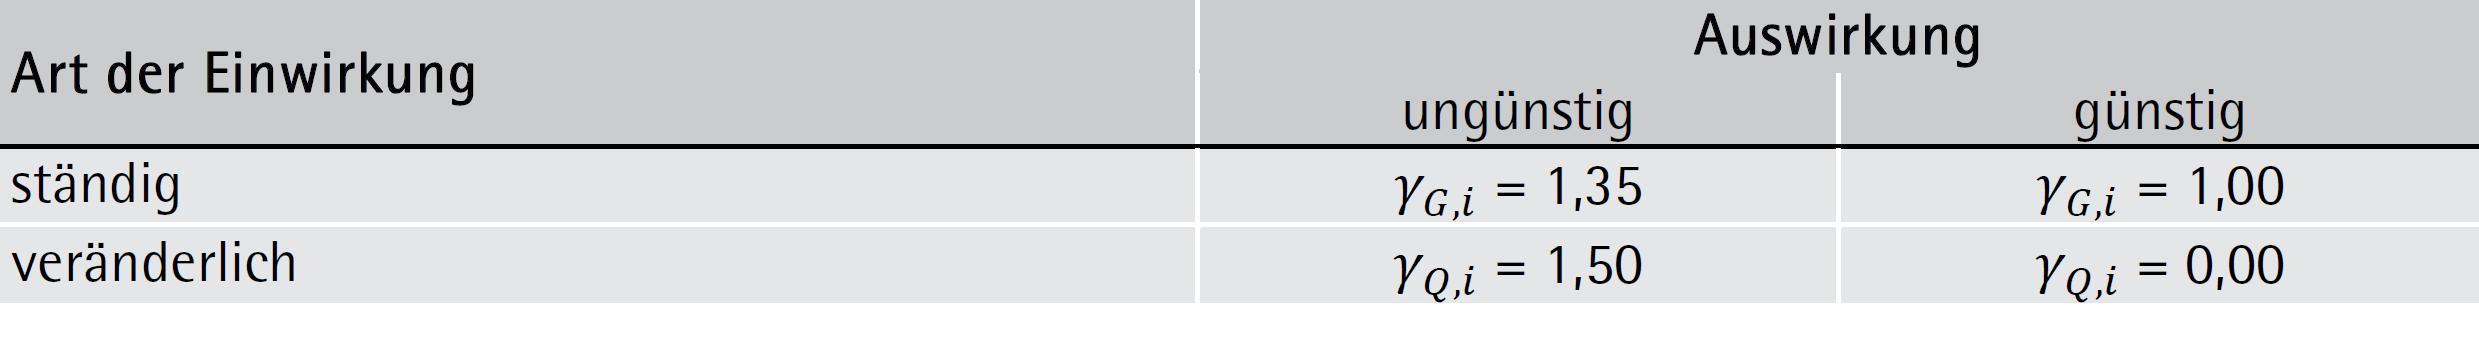 Teilsicherheitsbeiwerte für die Einwirkungen – ÖNORM EN 1990